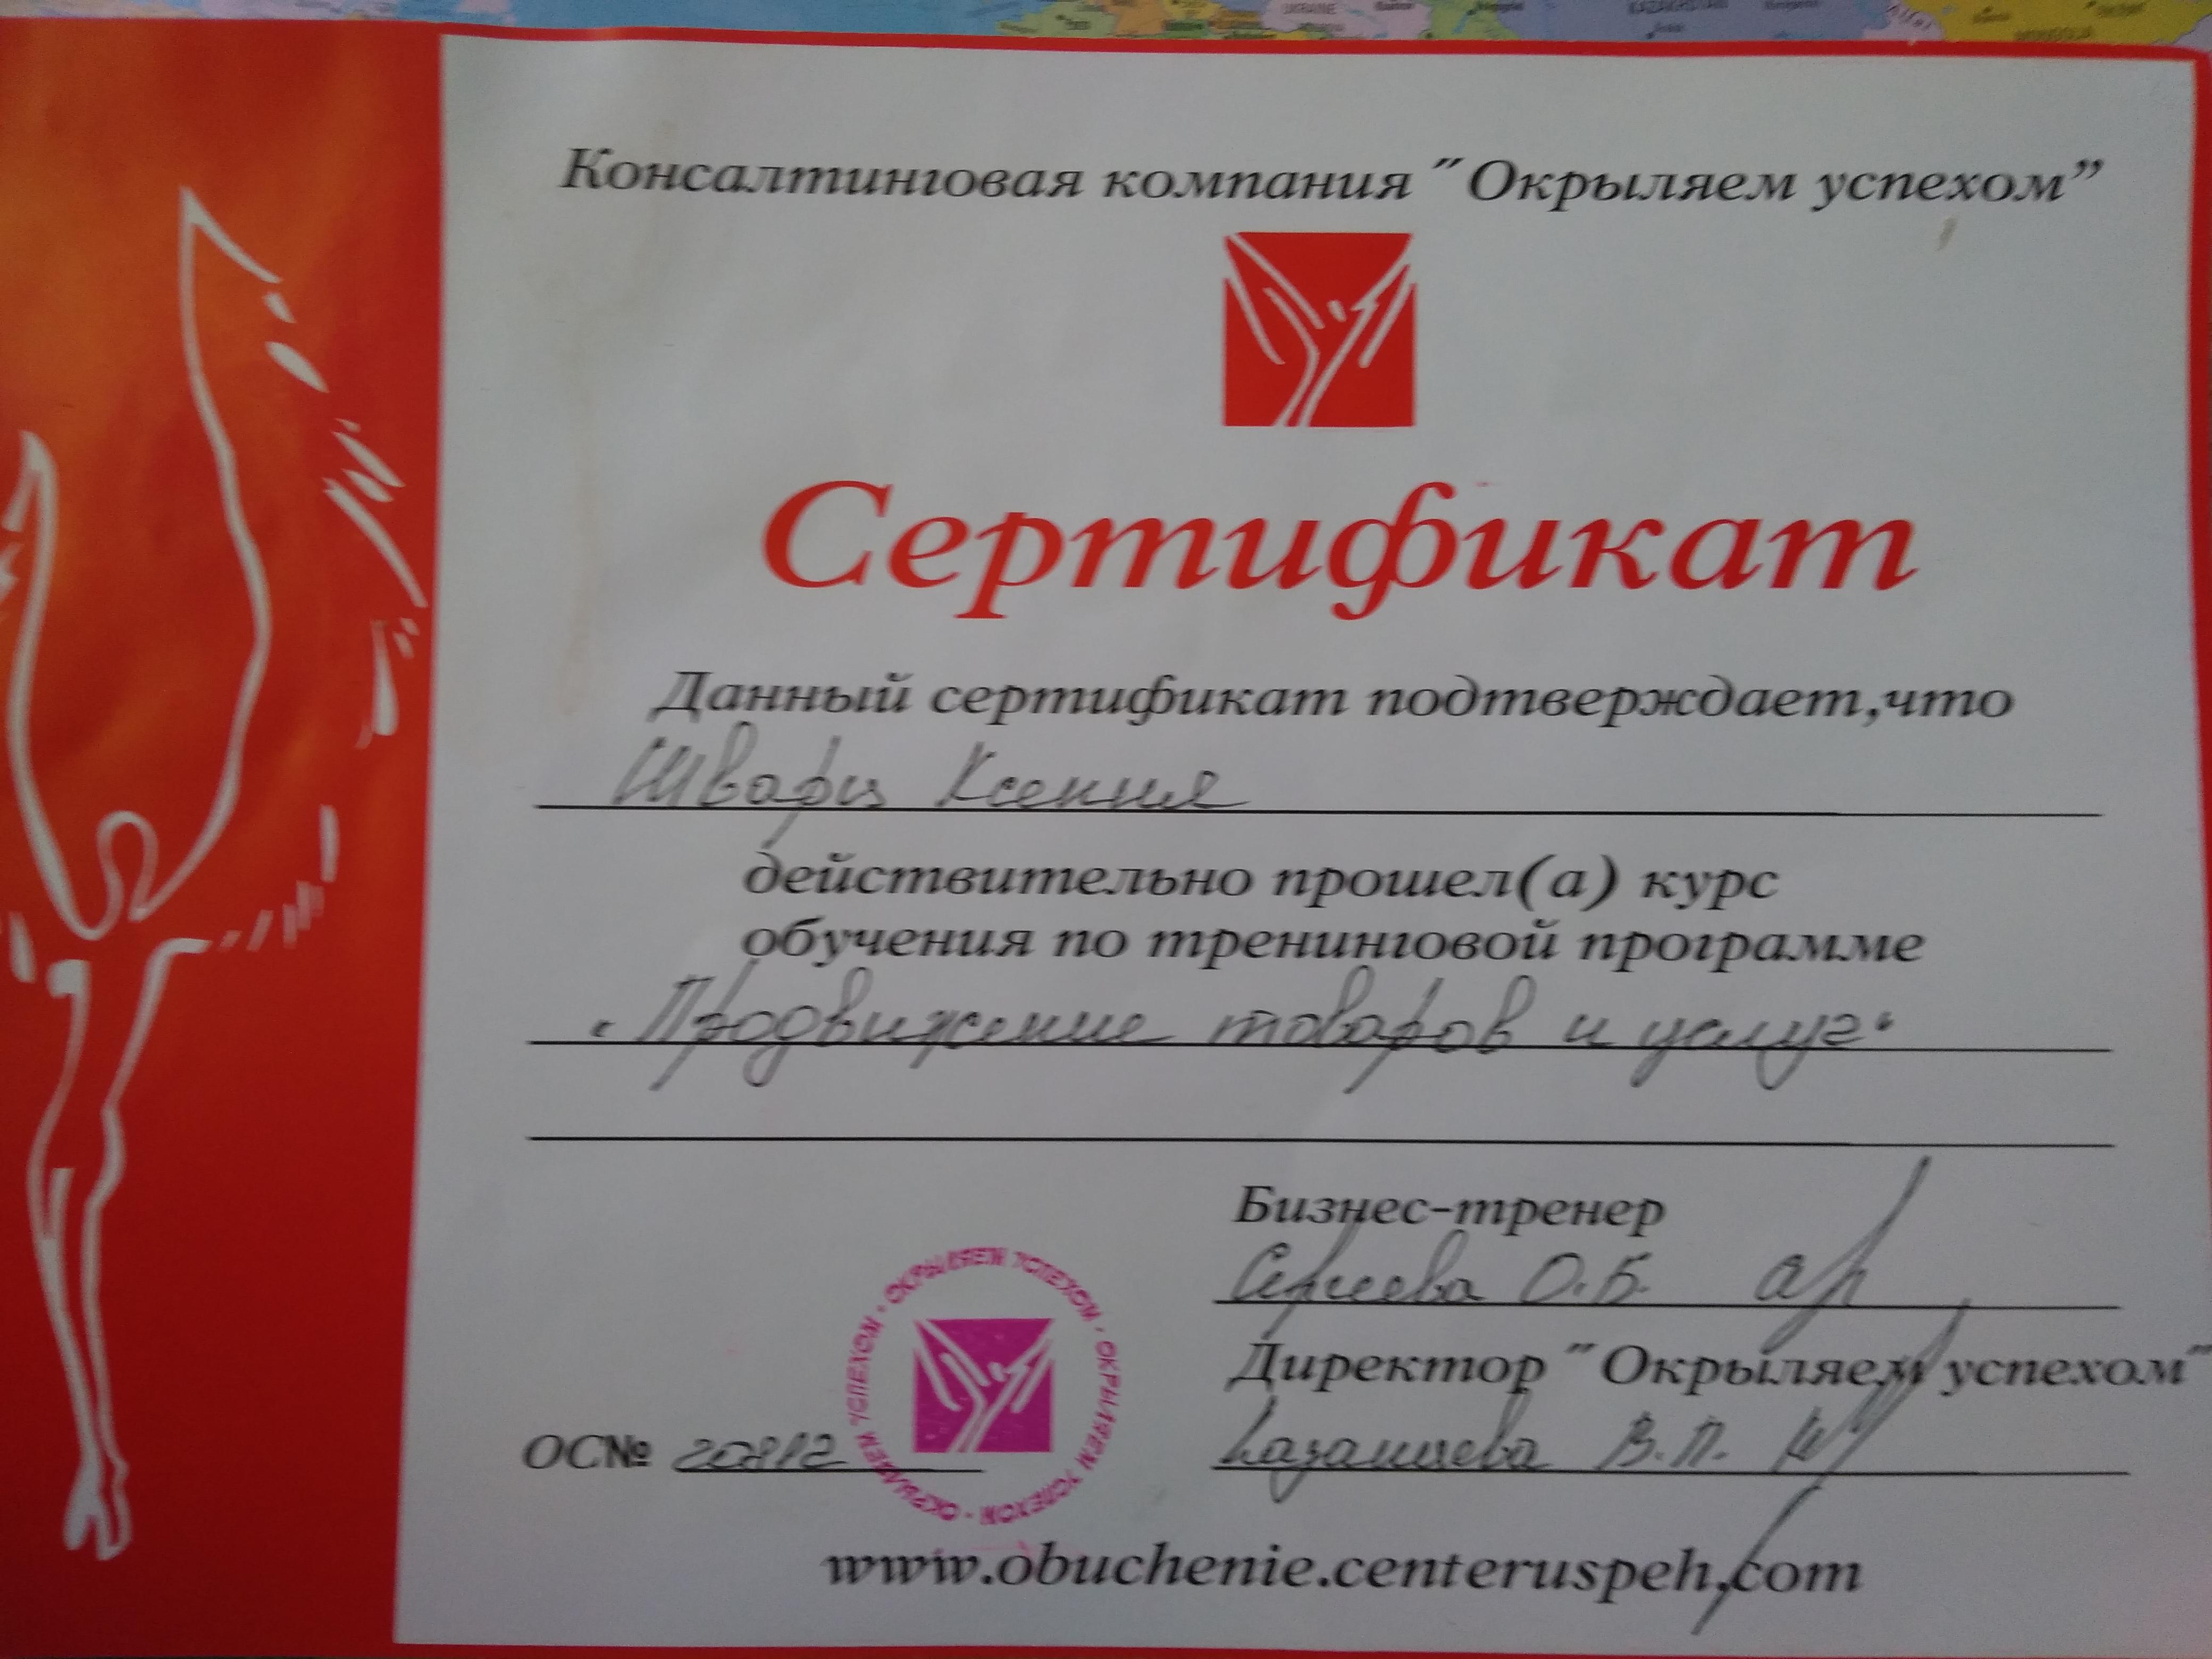 Сертификаты Ксении Шварц 2